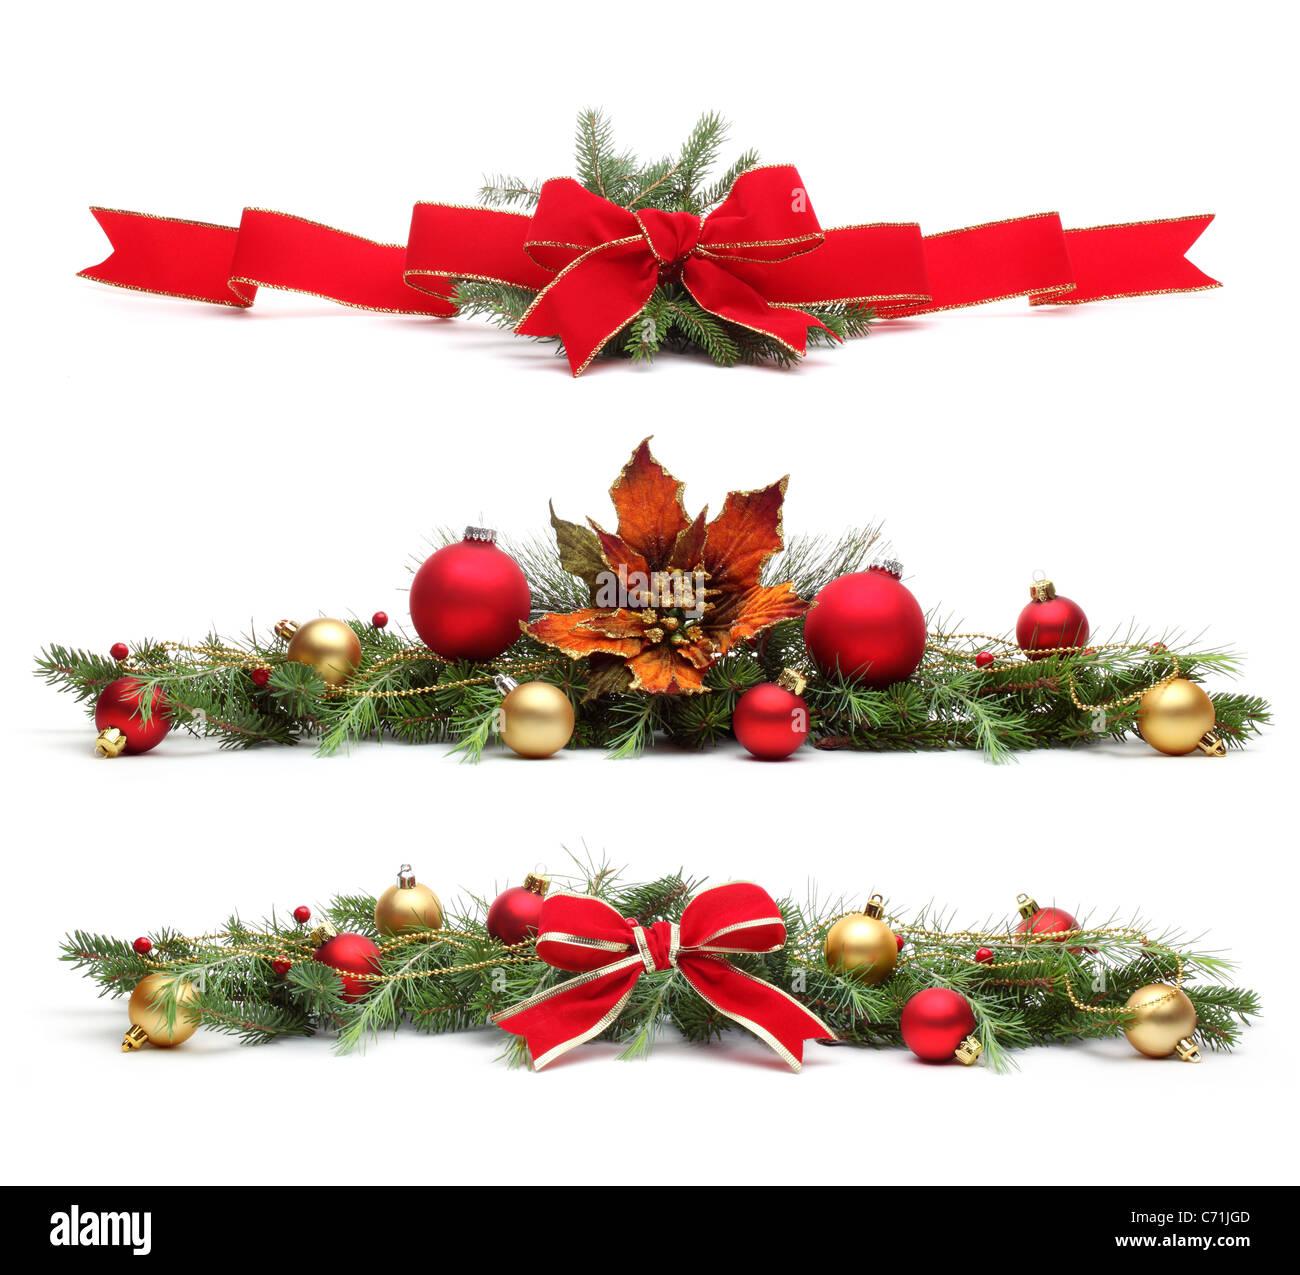 Delicados ornamentos navideños,aislado sobre fondo blanco. Imagen De Stock